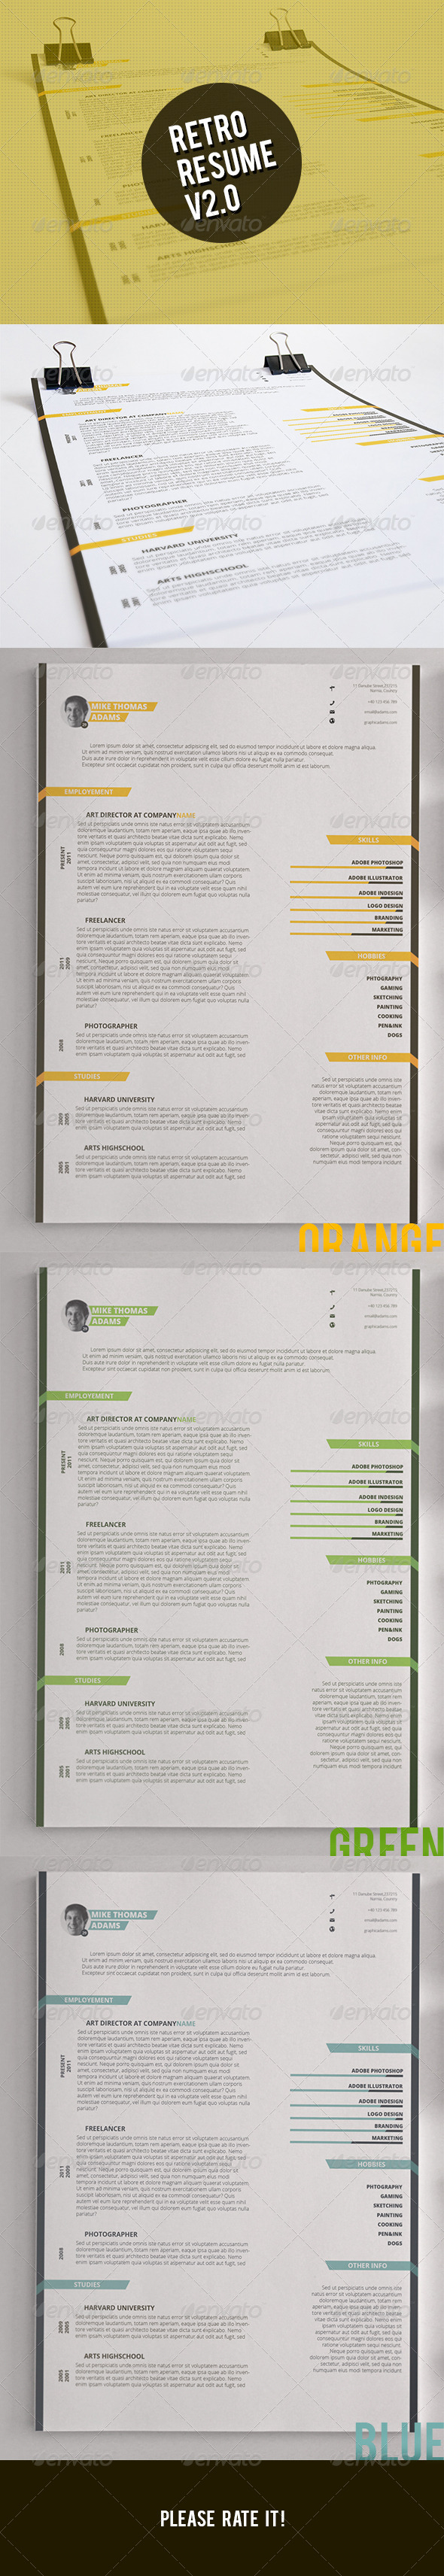 GraphicRiver Retro Resume V2.0 6808871